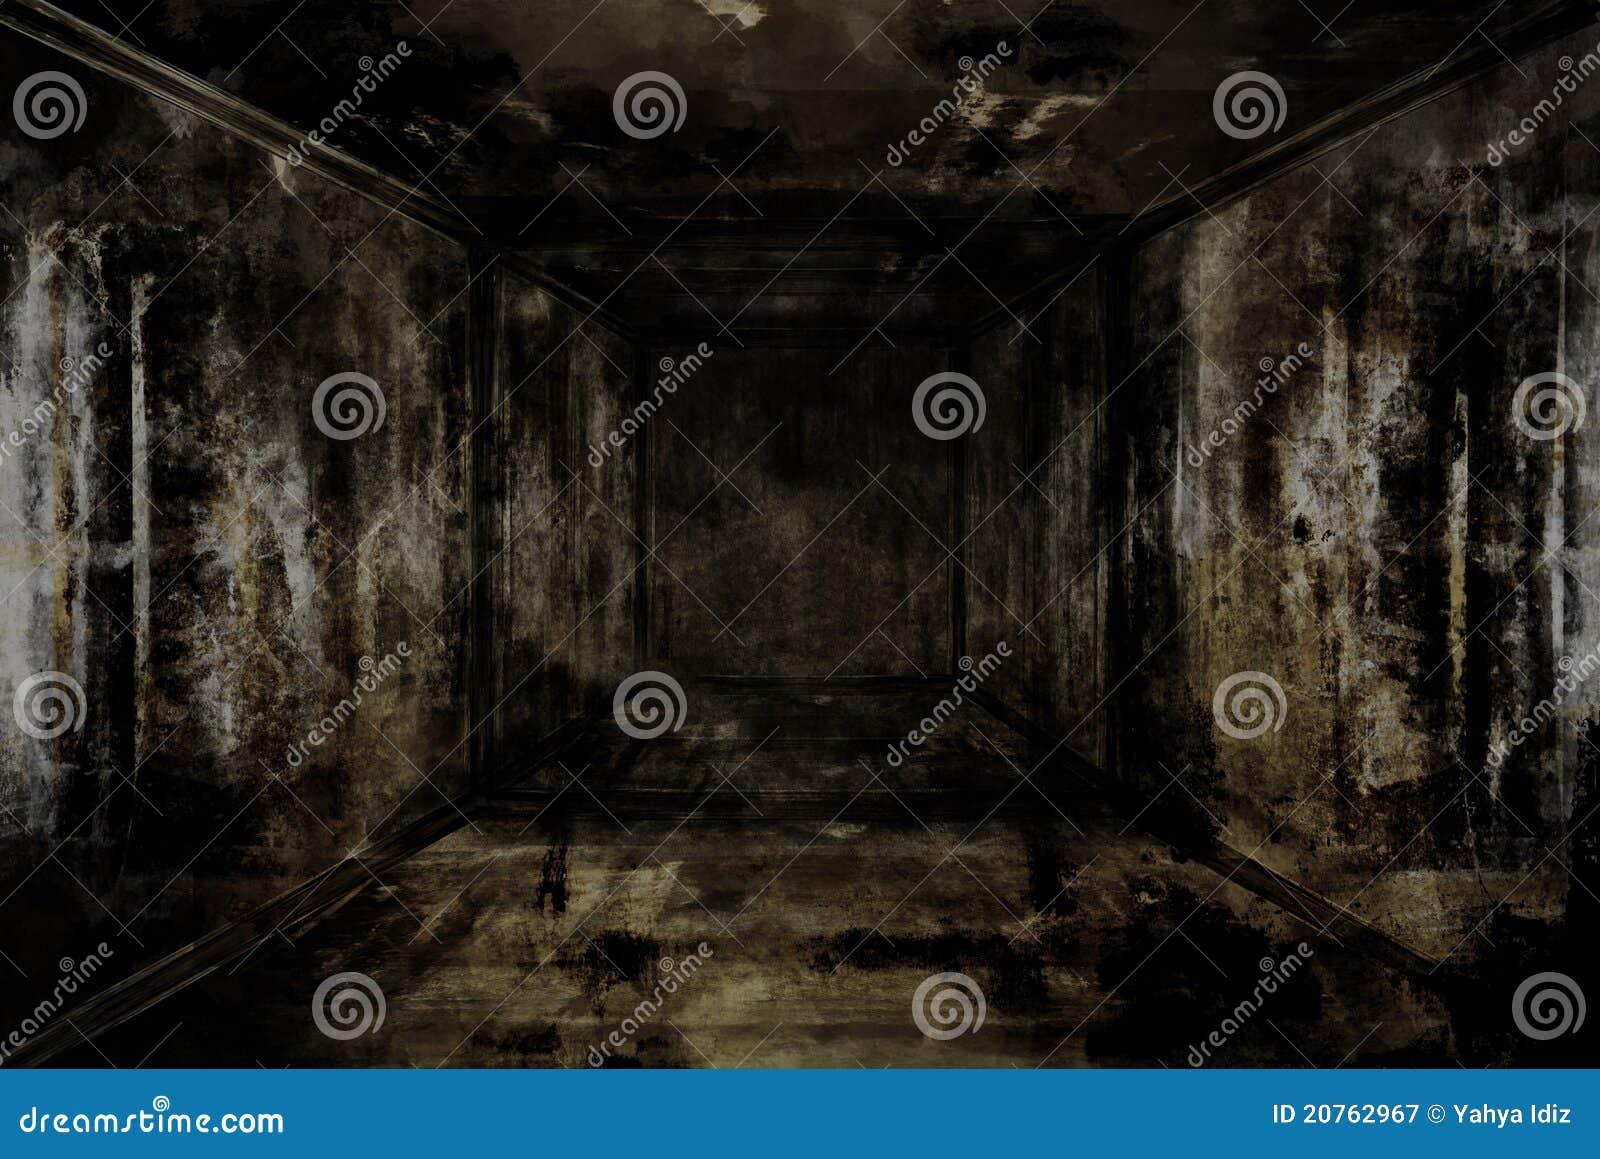 Dunkler Raum